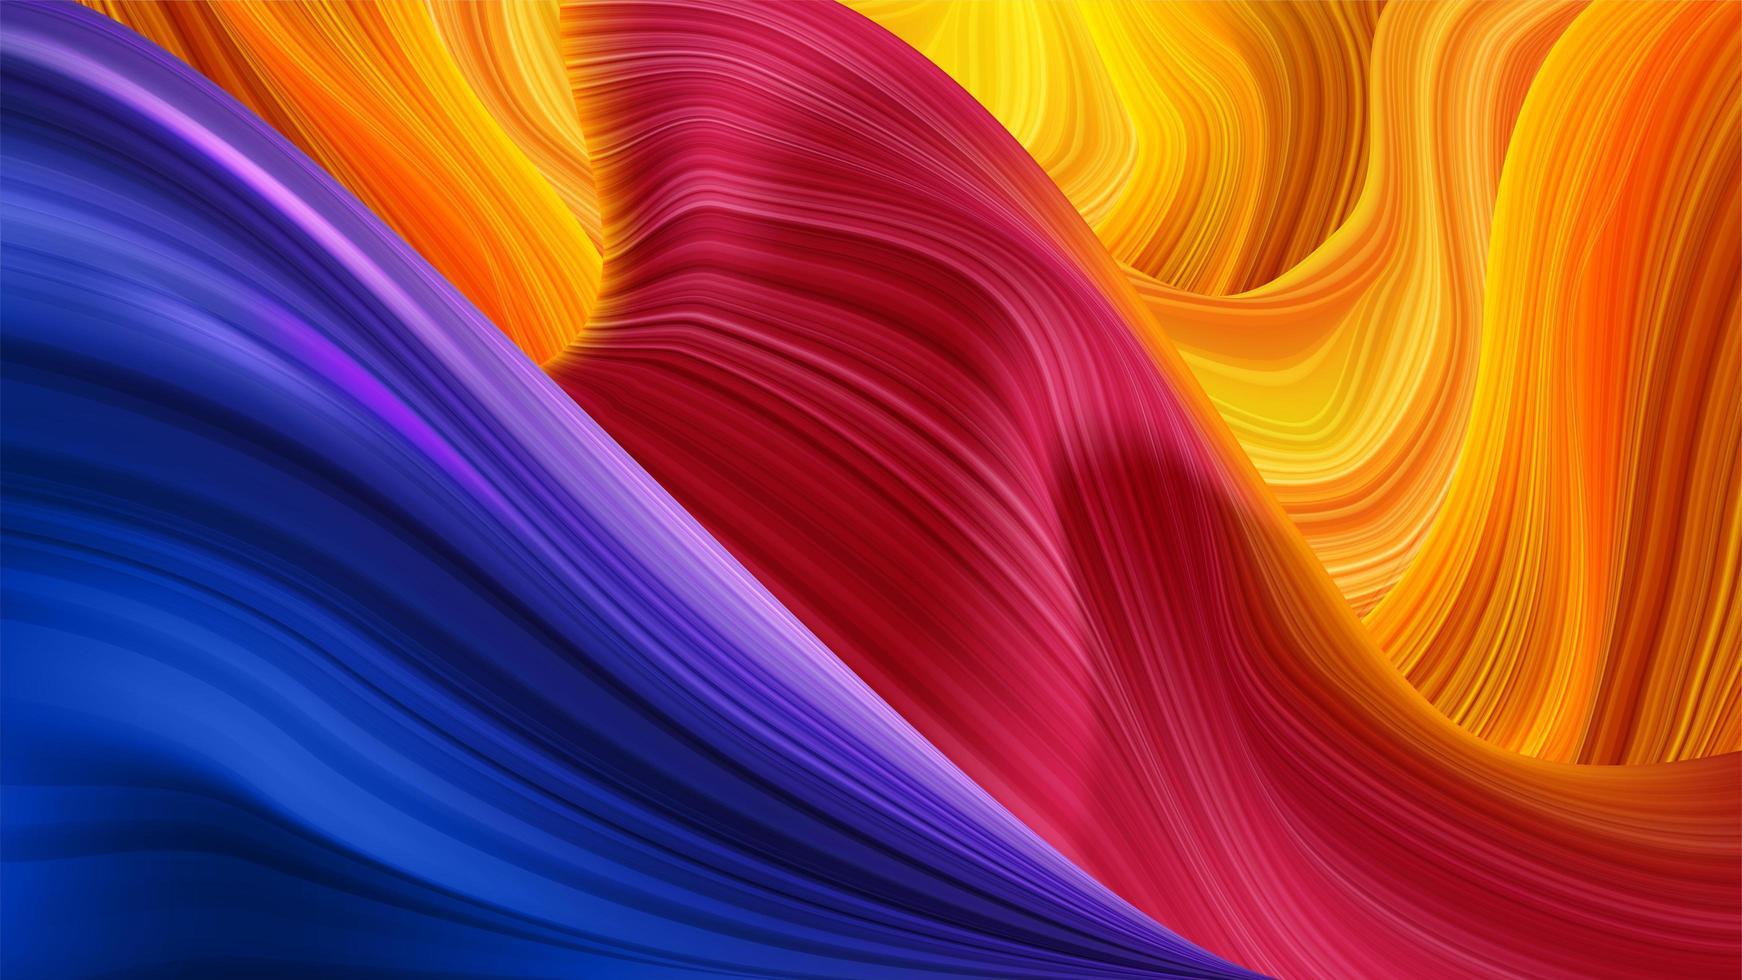 abstrakt färgglada vätske vridning mönster vektor